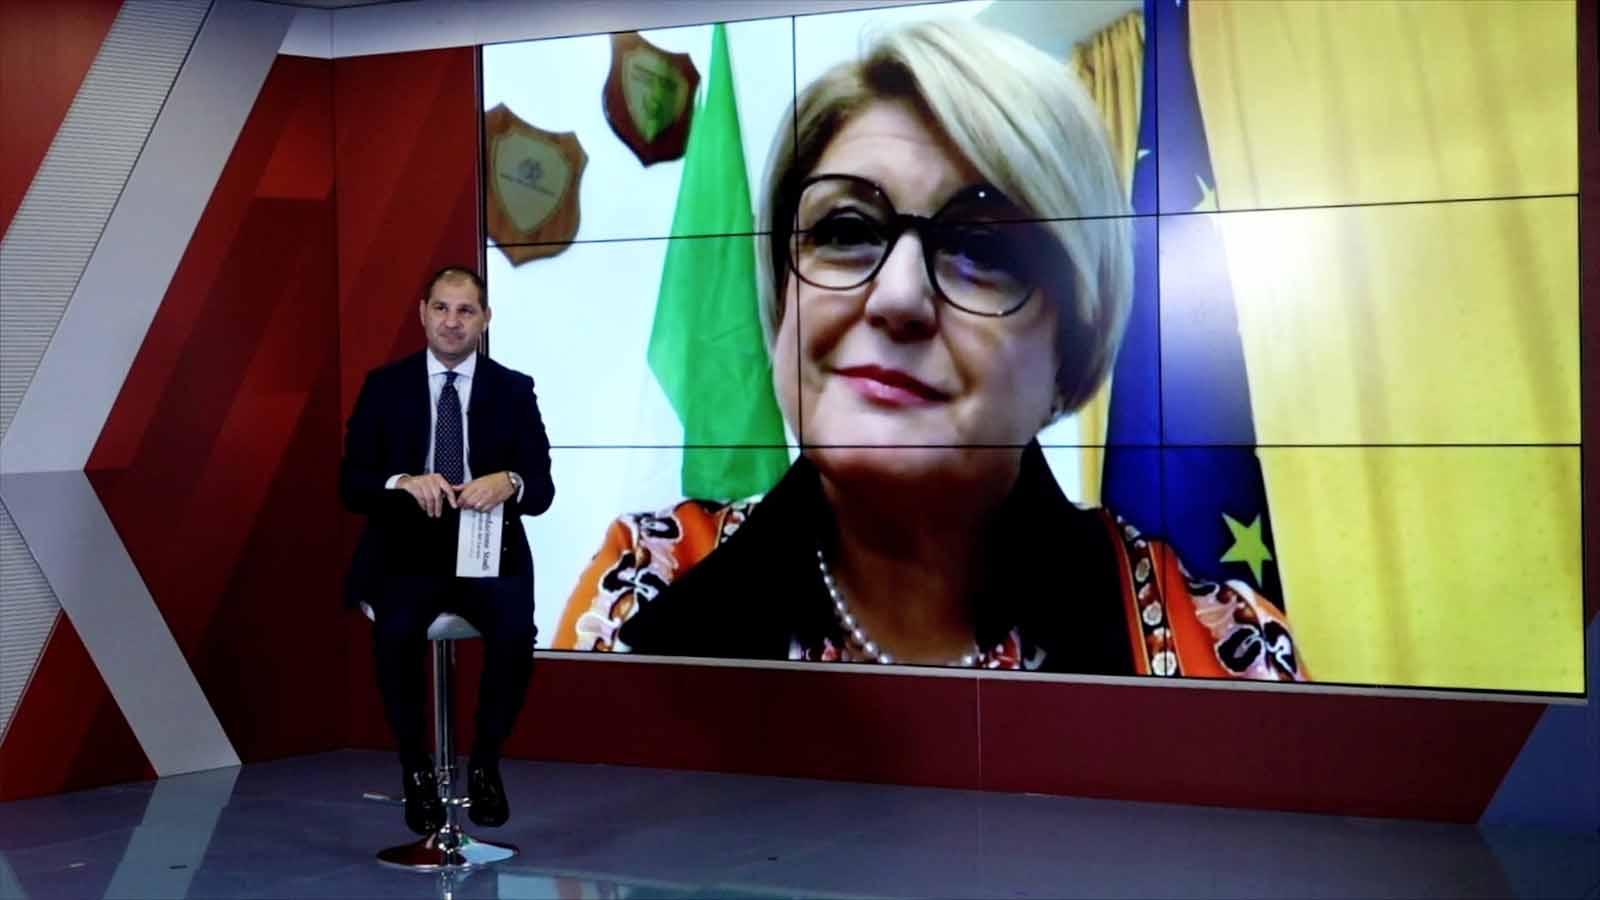 30° - Intervista a Marina Calderone, Presidente CNO. Interviene il Ministro Brunetta